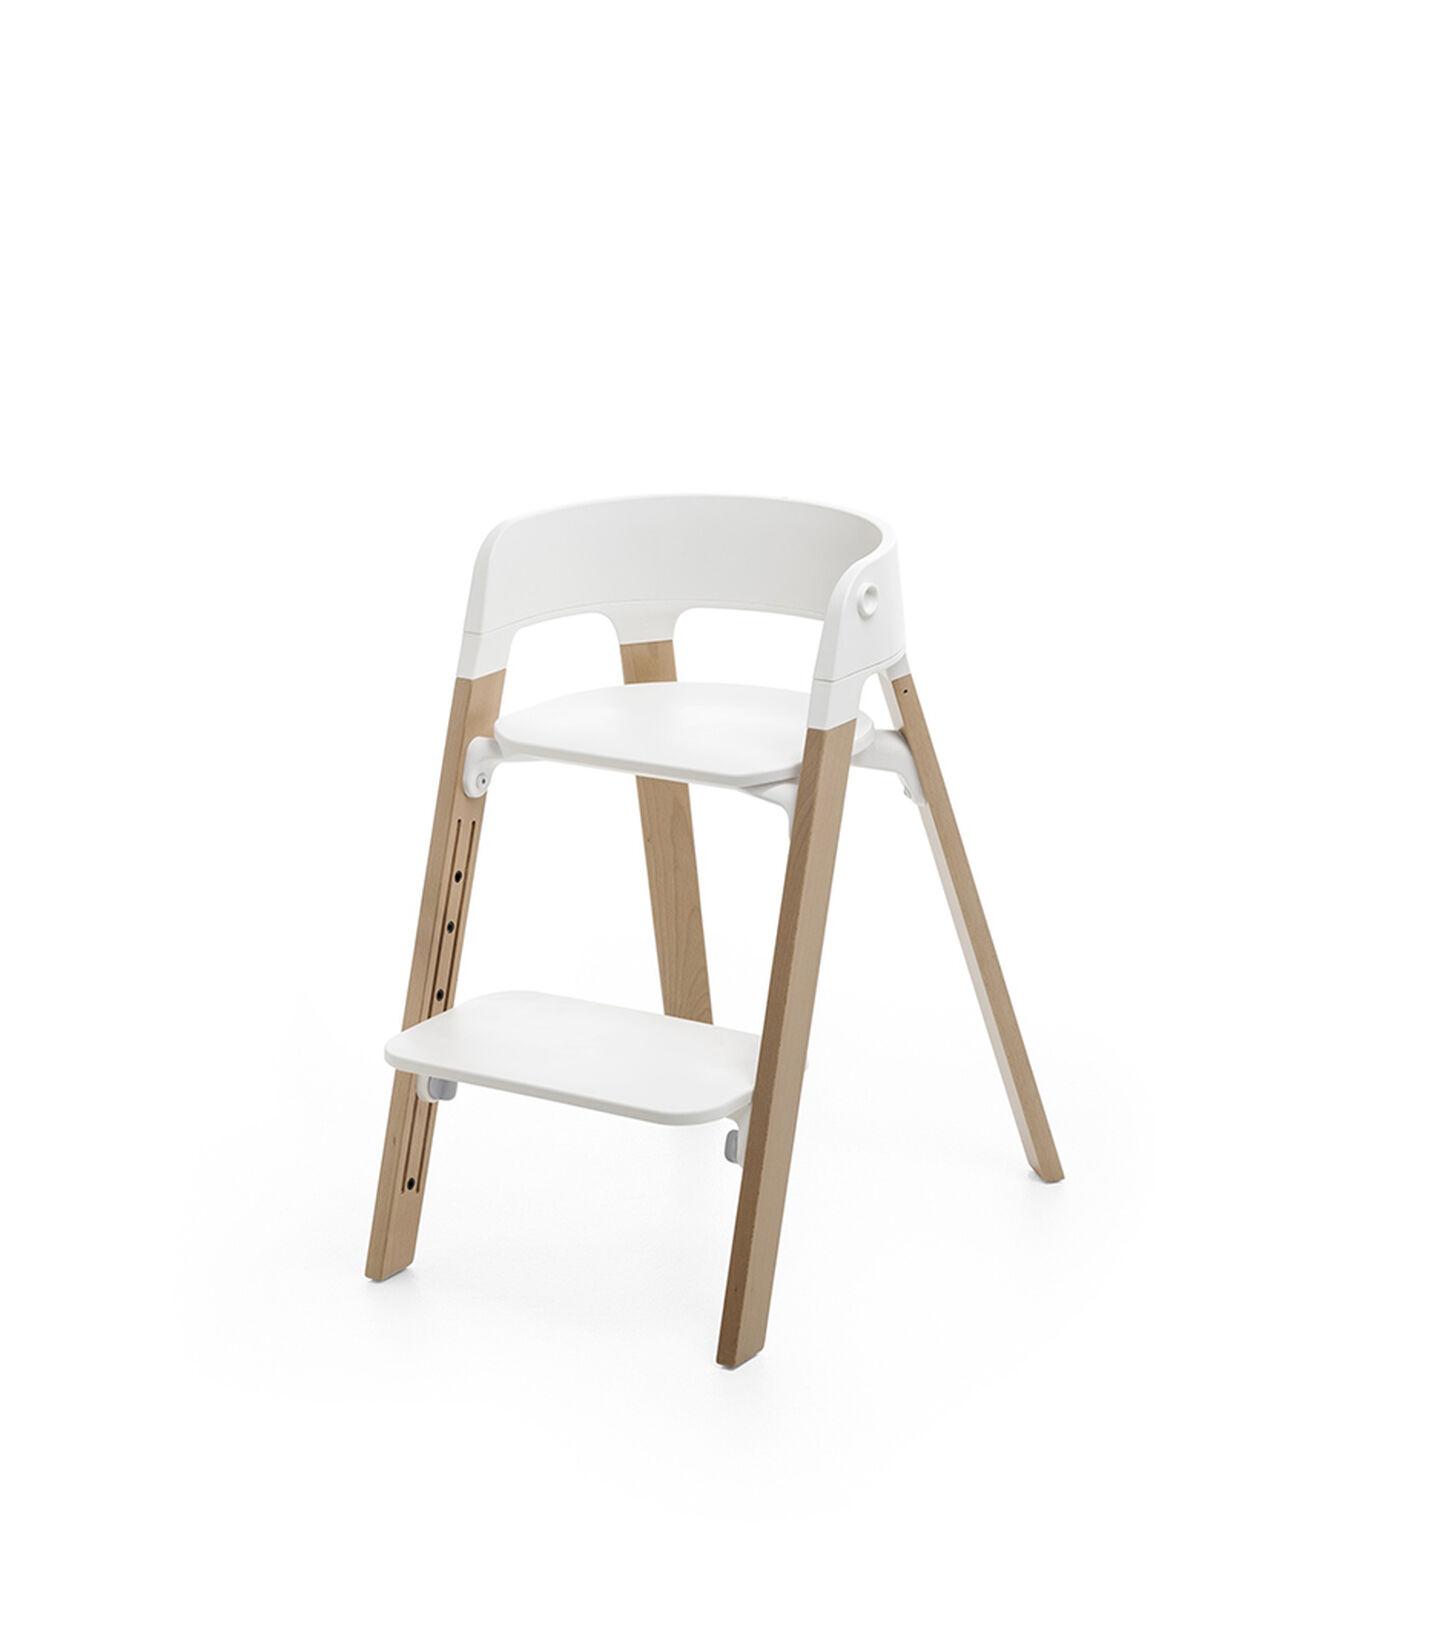 Stokke® Steps™ Chair White Oak, Beyaz/Doğal Meşe, mainview view 1